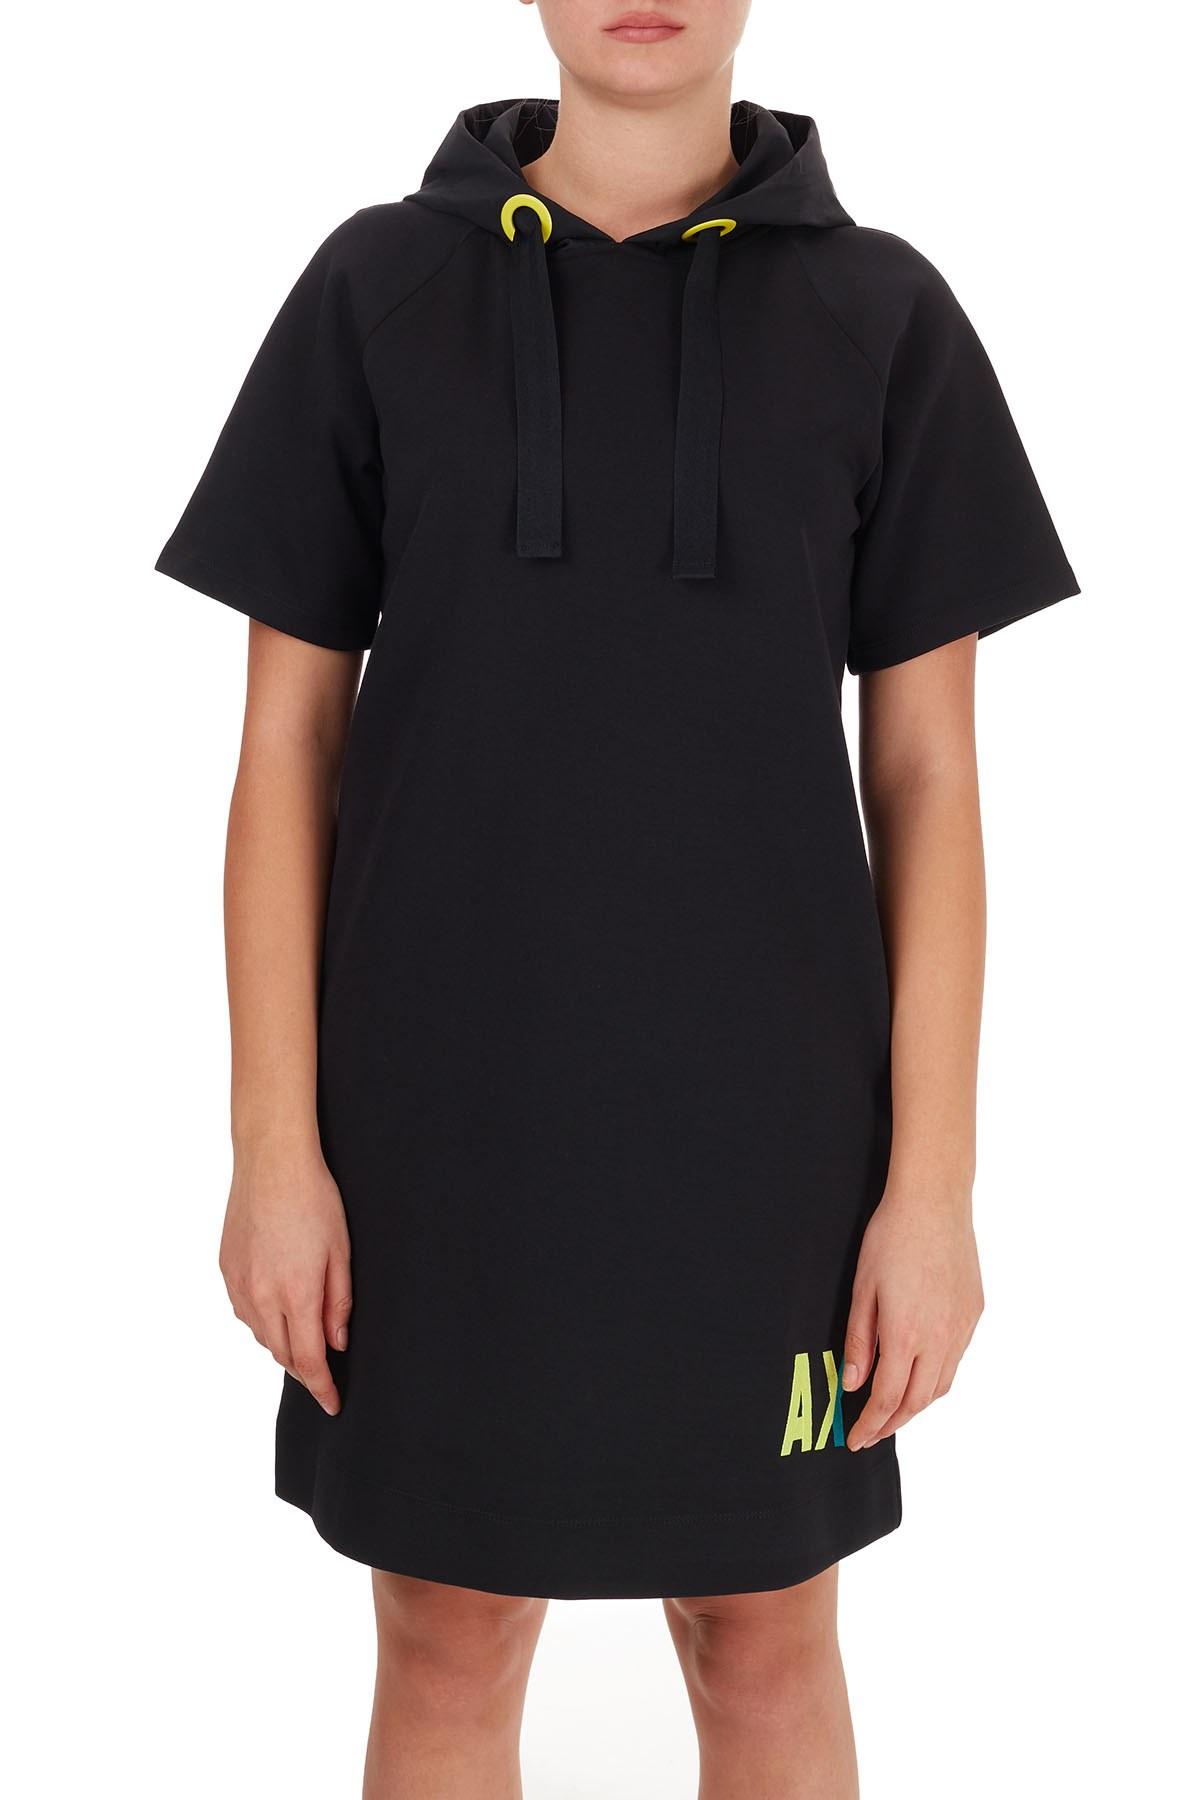 Armani Exchange Logo Baskılı Kapüşonlu Cepli Kadın Elbise 6HYA85 YJ6EZ 1200 SİYAH